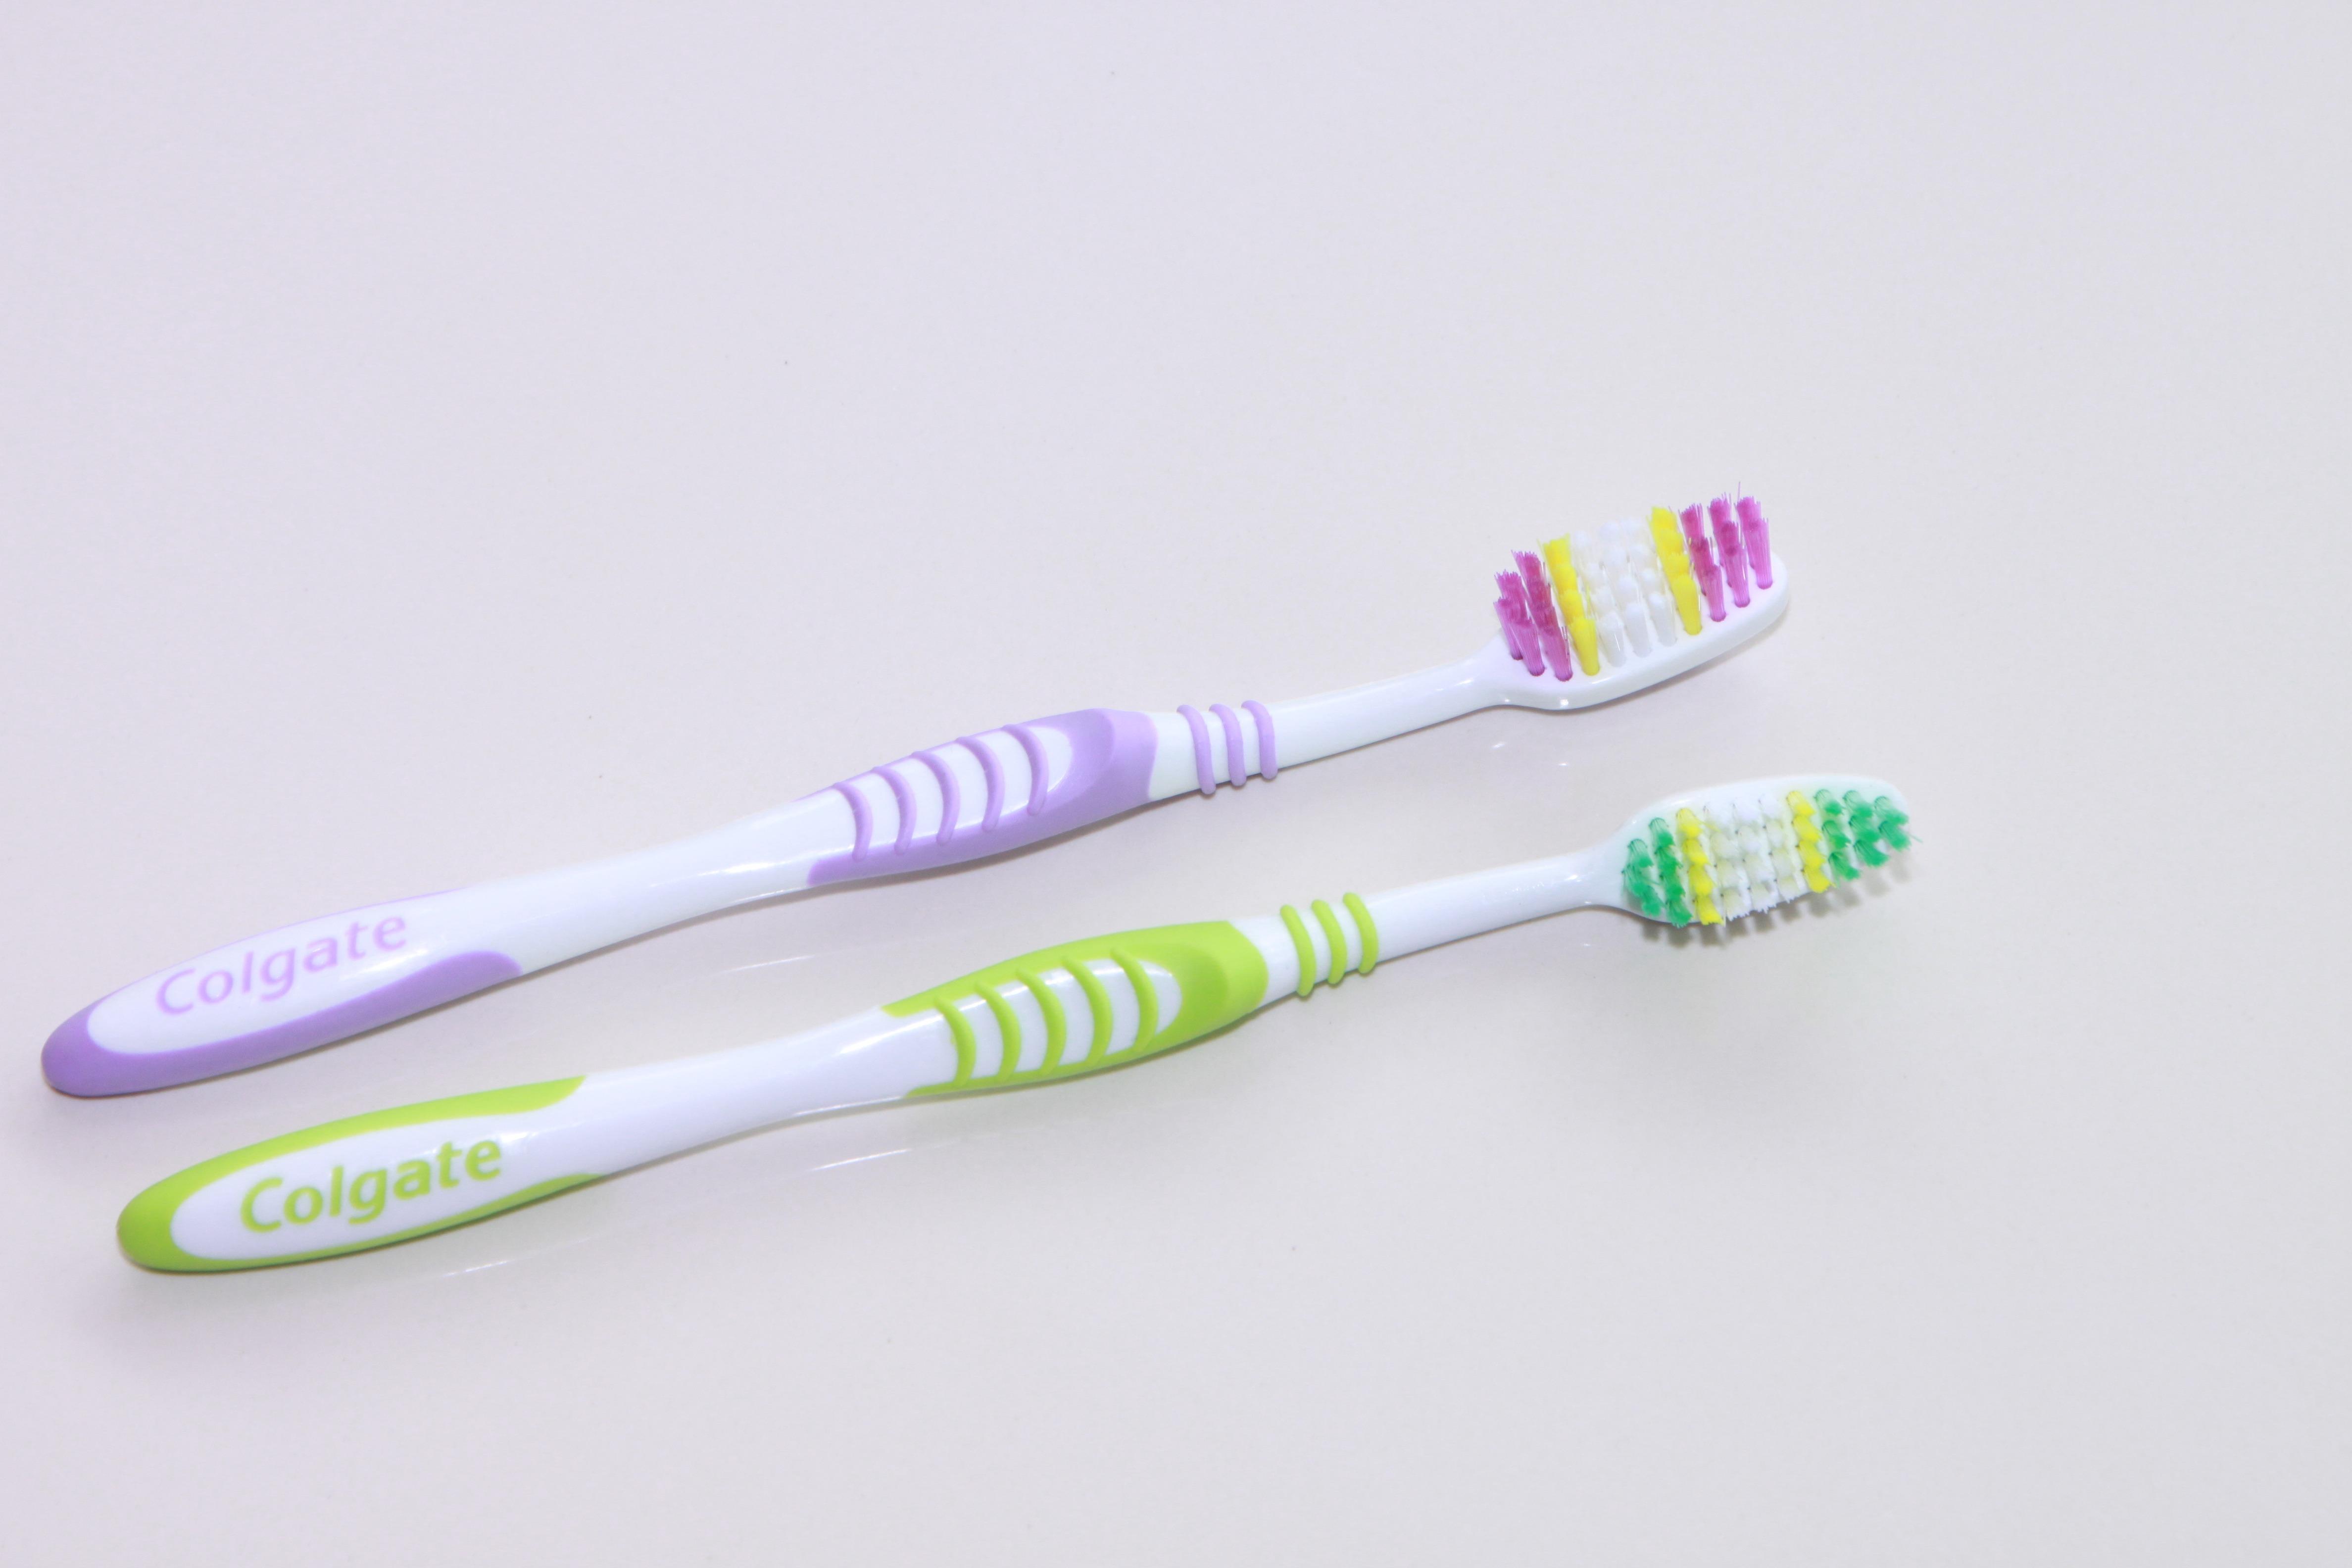 Gambar Putih Alat Kesehatan Dental Berwarna Lisan Kebersihan